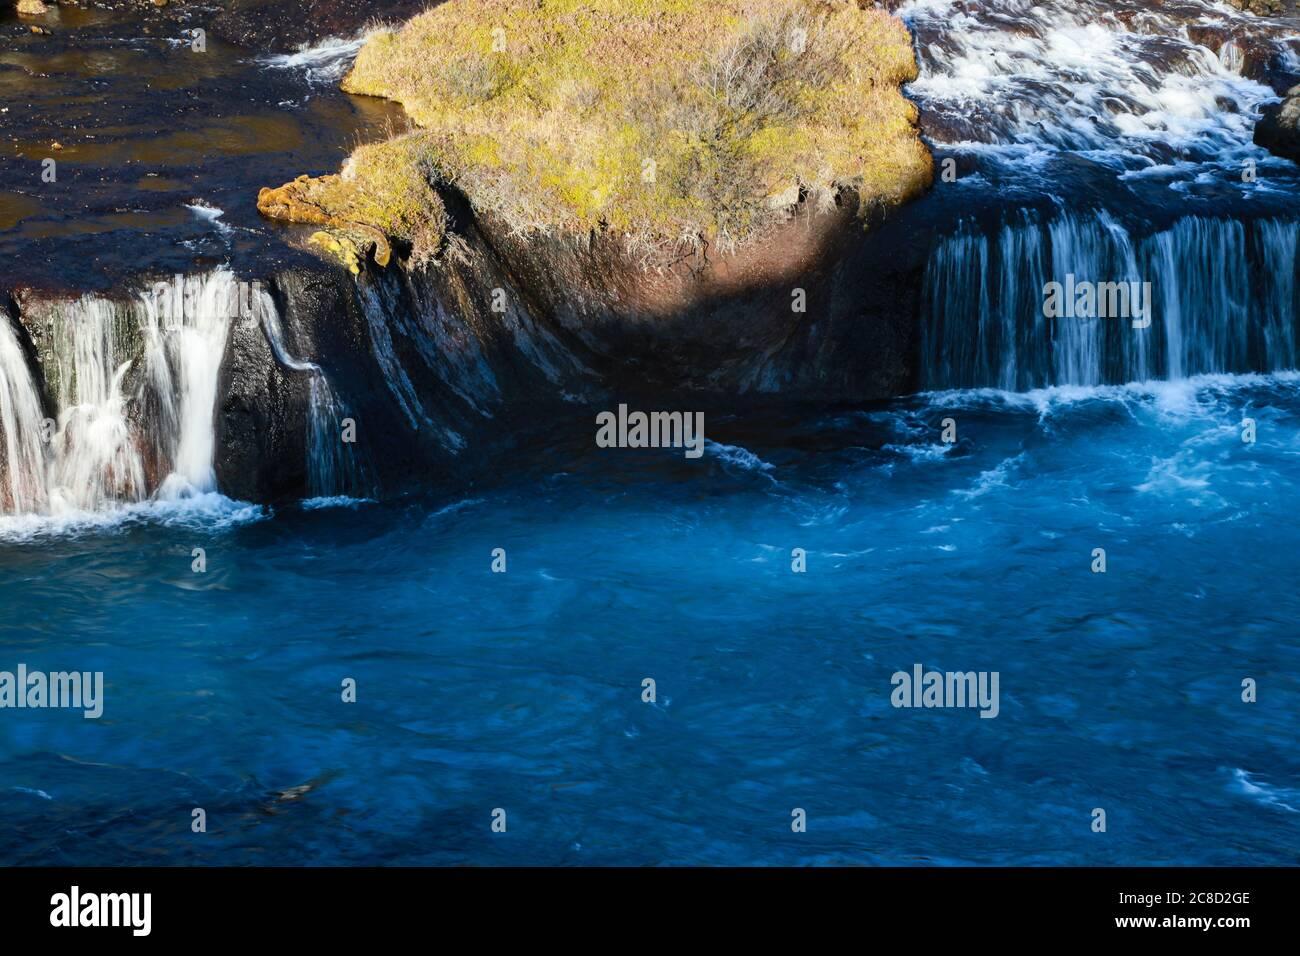 Cascata Bjarnafoss in Islanda, proveniente da sotto una grande pianura lavica. Colori blu incantevoli. Foto Stock